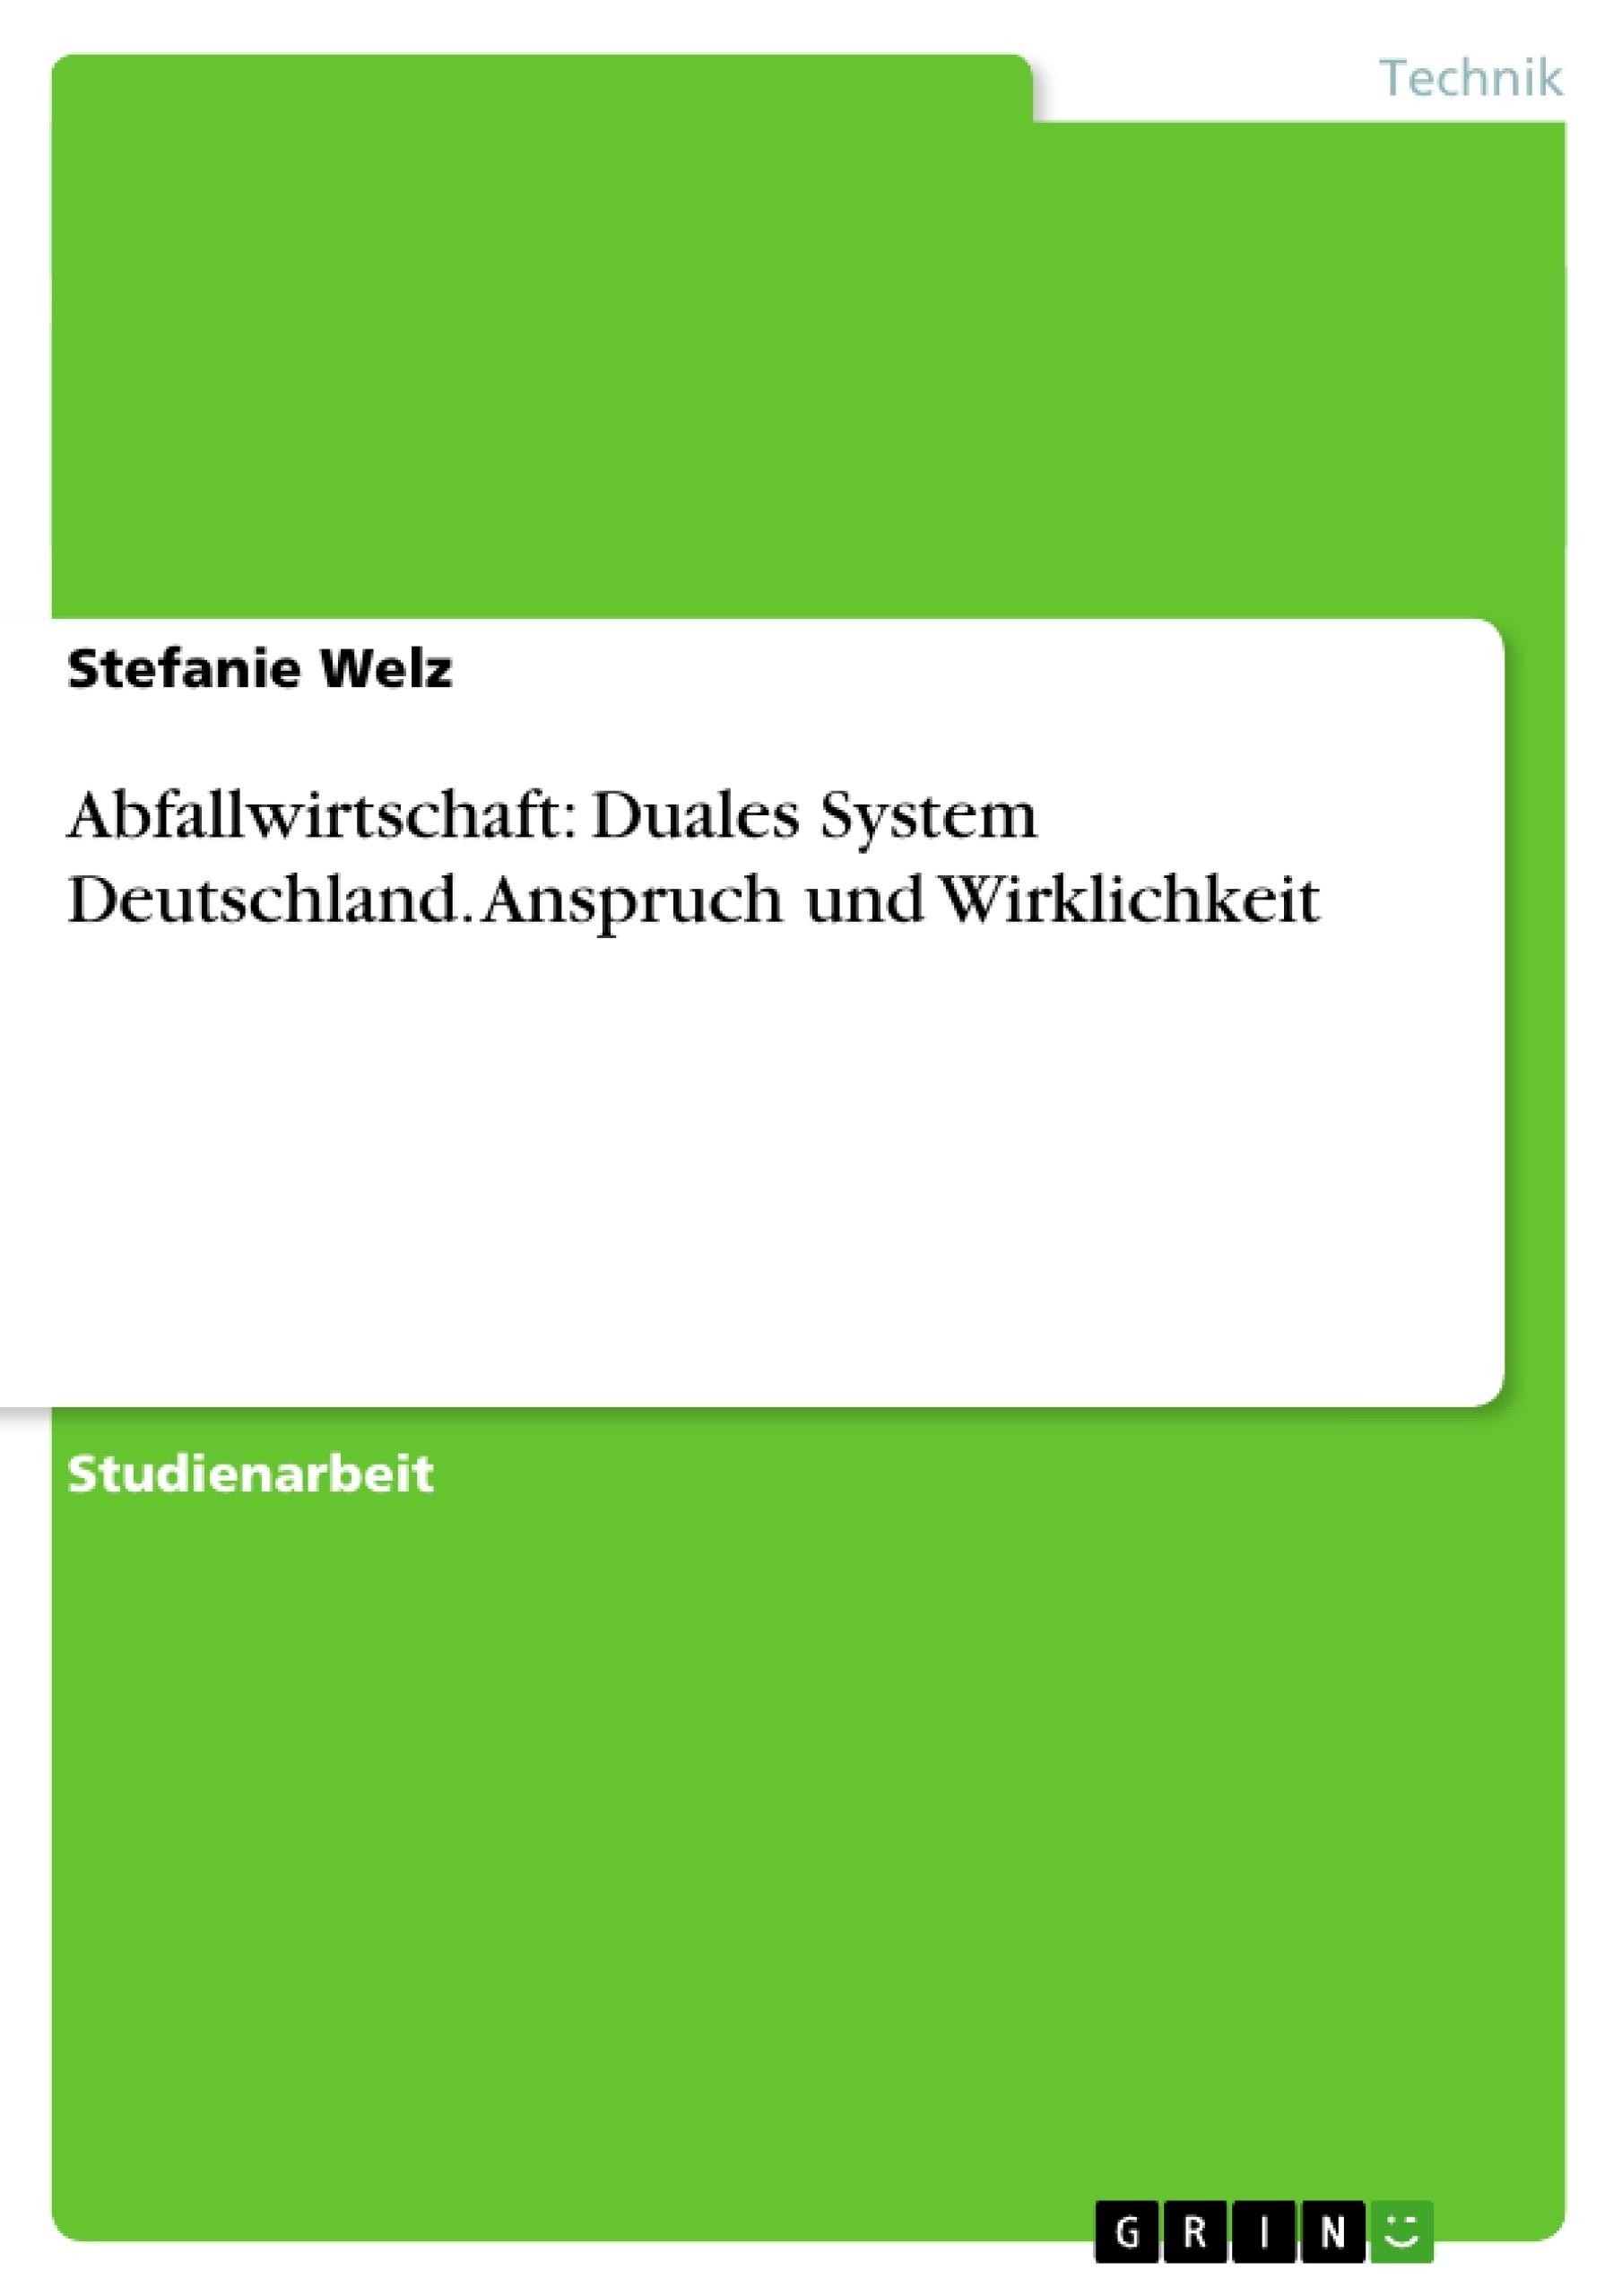 Titel: Abfallwirtschaft: Duales System Deutschland. Anspruch und Wirklichkeit